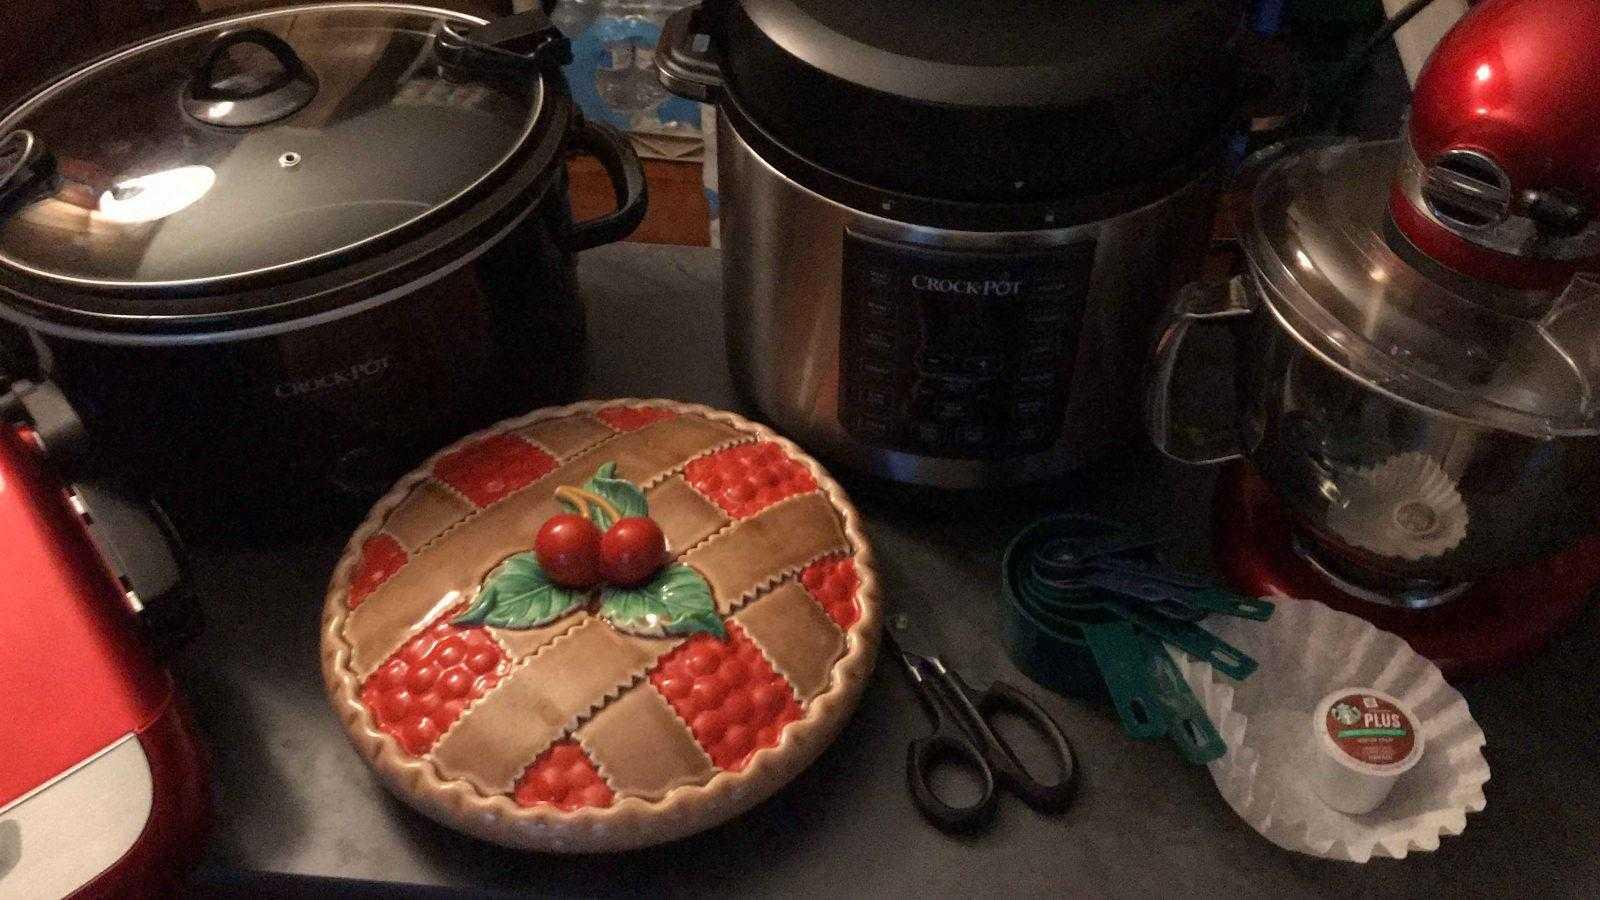 Küchengeräte USA - Typisches aus der amerikanischen Küche